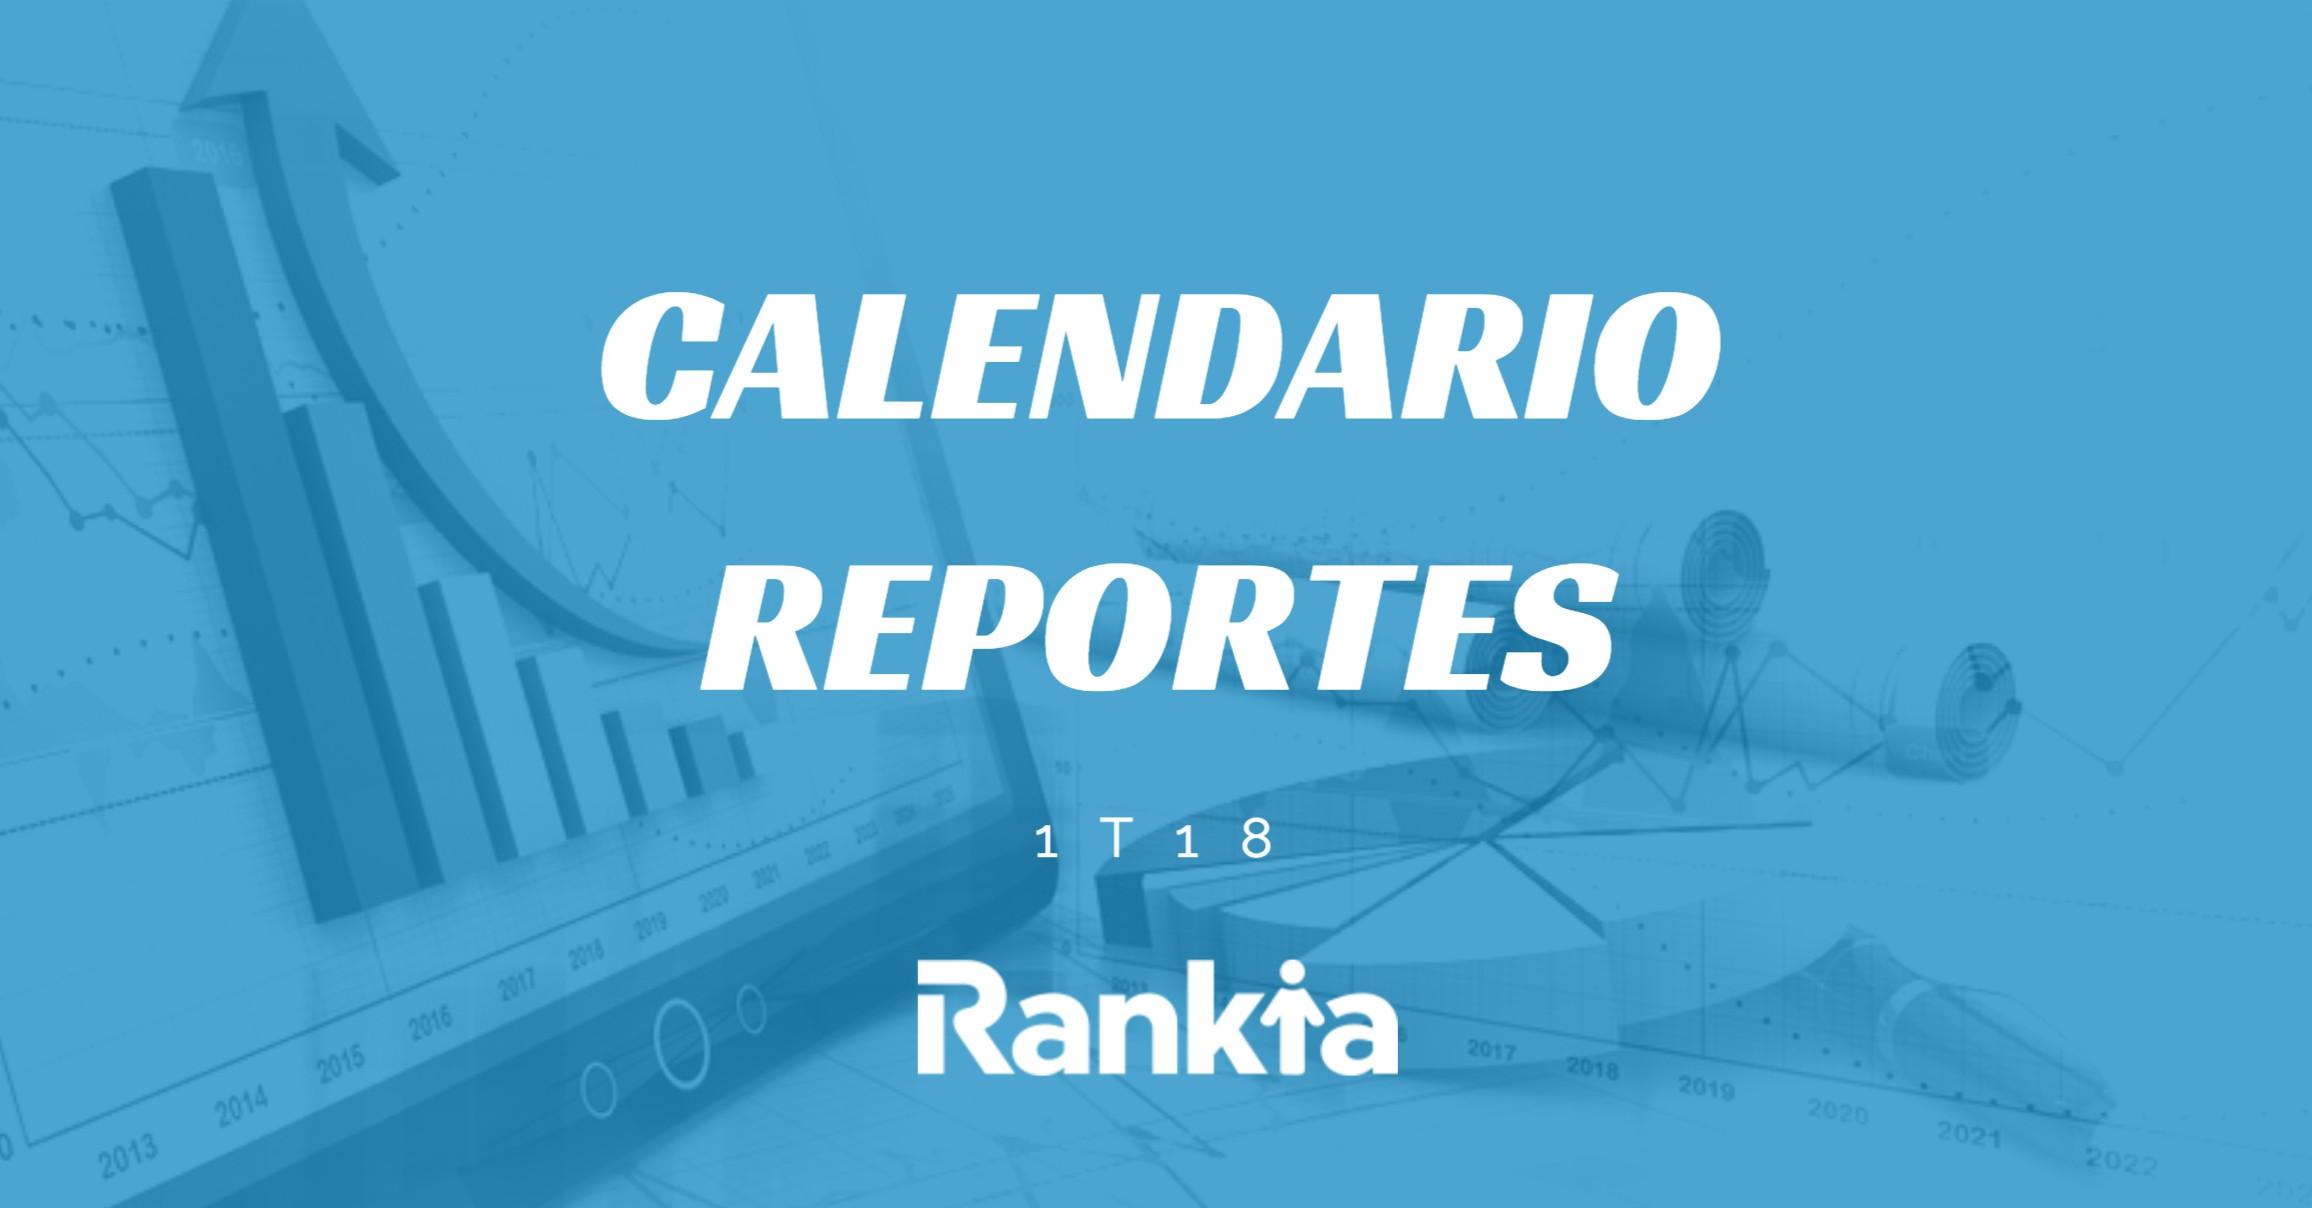 Calendario 2019 Con Dias Festivos Peru Más Recientes Calendario De Reportes Trimestrales En La Bolsa Mexicana De Valores Of Calendario 2019 Con Dias Festivos Peru Más Reciente Enero Calendario 2019 Peru